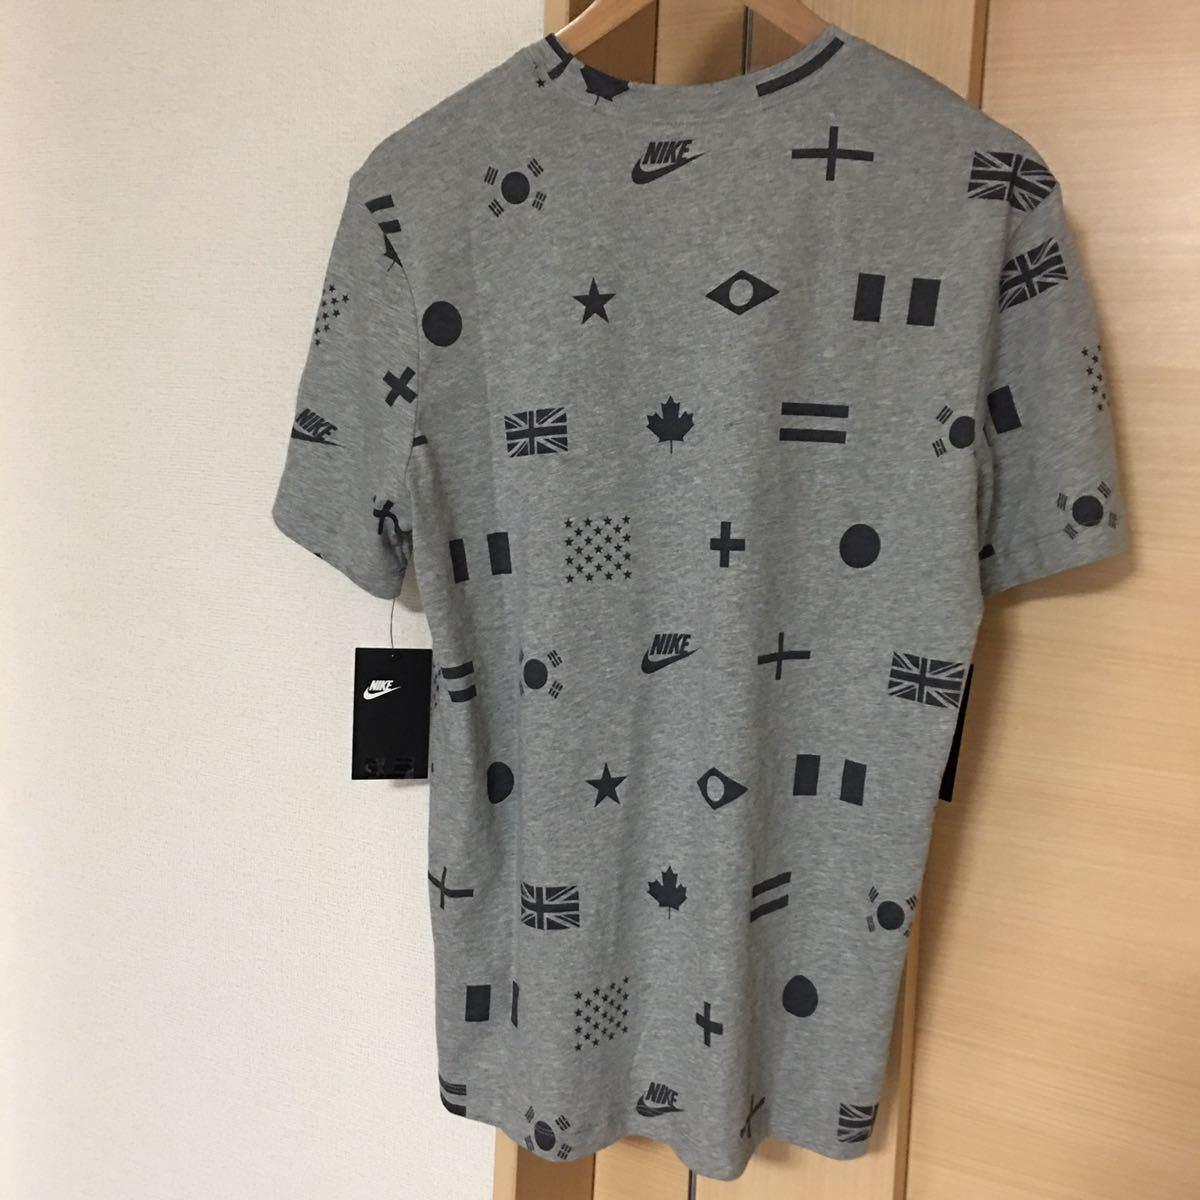 新品 NIKE Tシャツ Lサイズ プレヒート AOP CT6557 ナイキ ランニング トレーニング マラソン DRI-FIT 半袖シャツ 送料無料 送料込